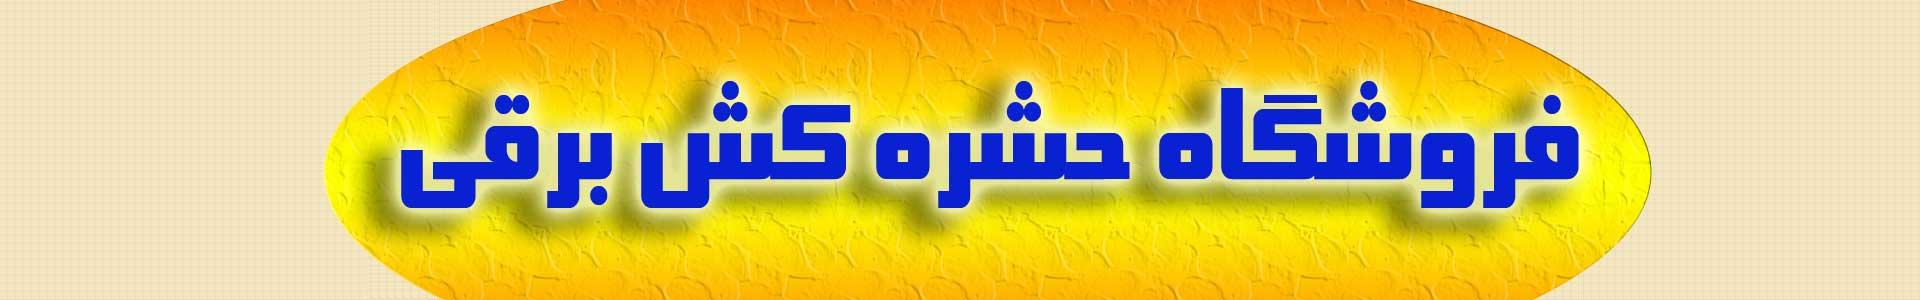 خرید حشره کش برقی دستگاه مگس کش پشه و سوسک کش مارک 2018